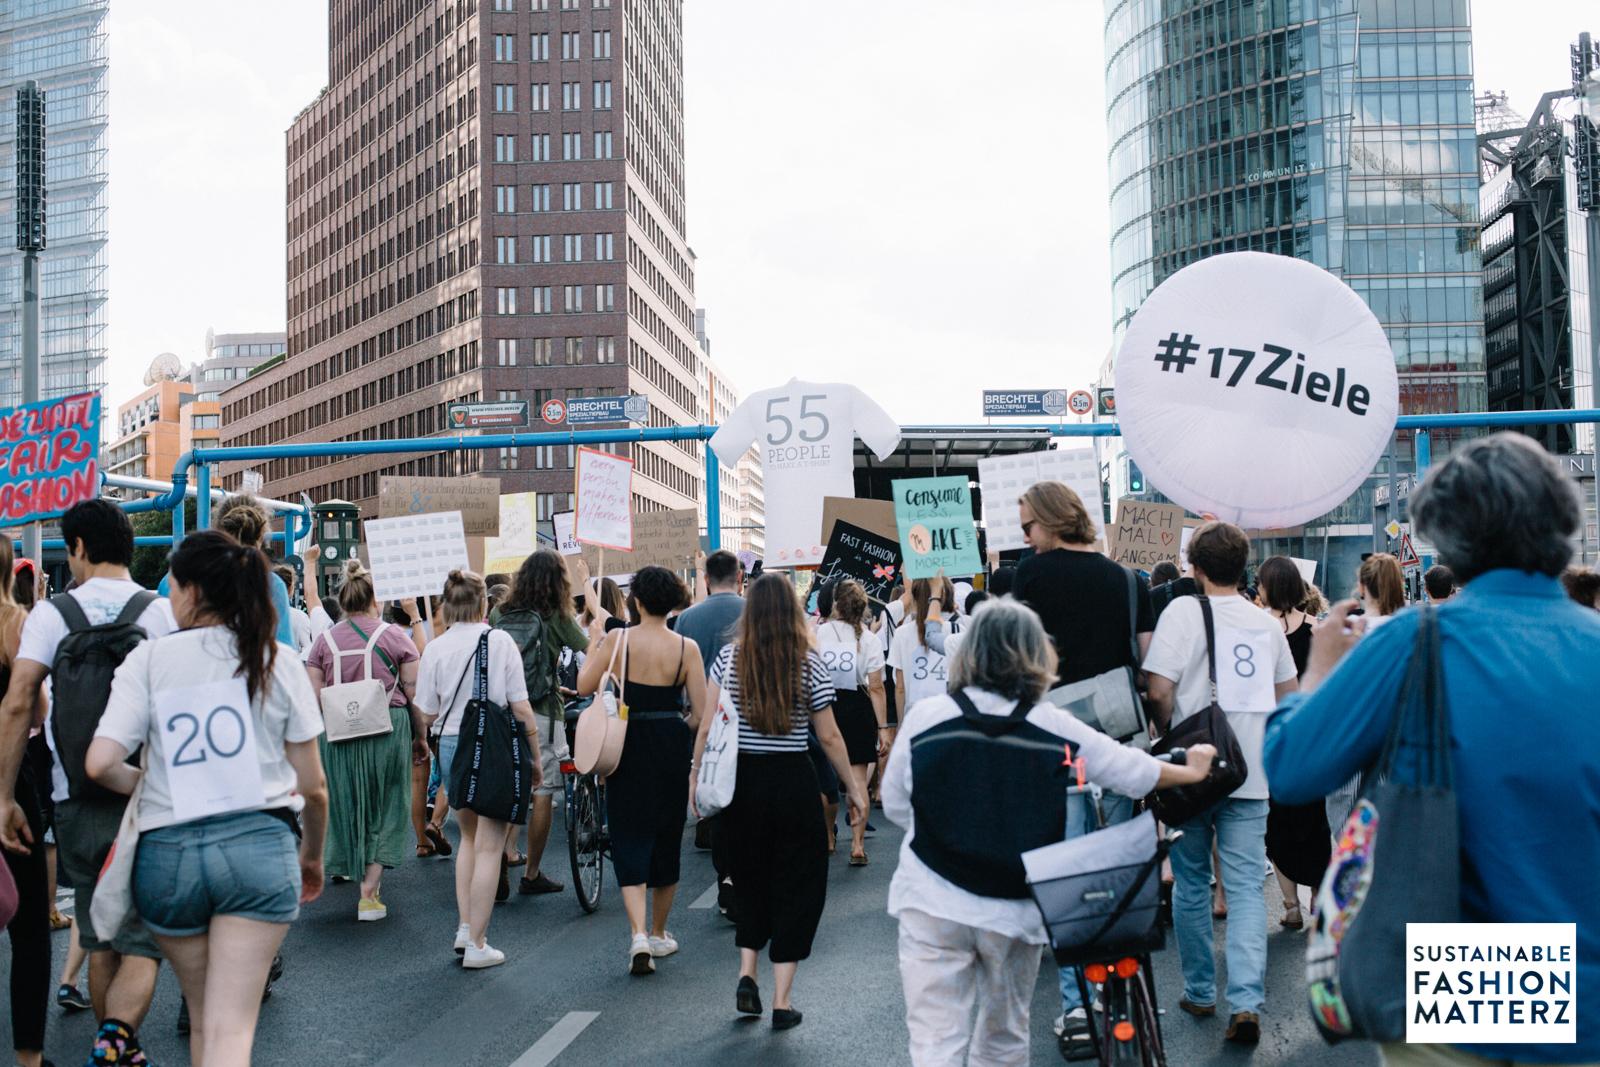 fashion-revolution-berlin-2019-94.jpg